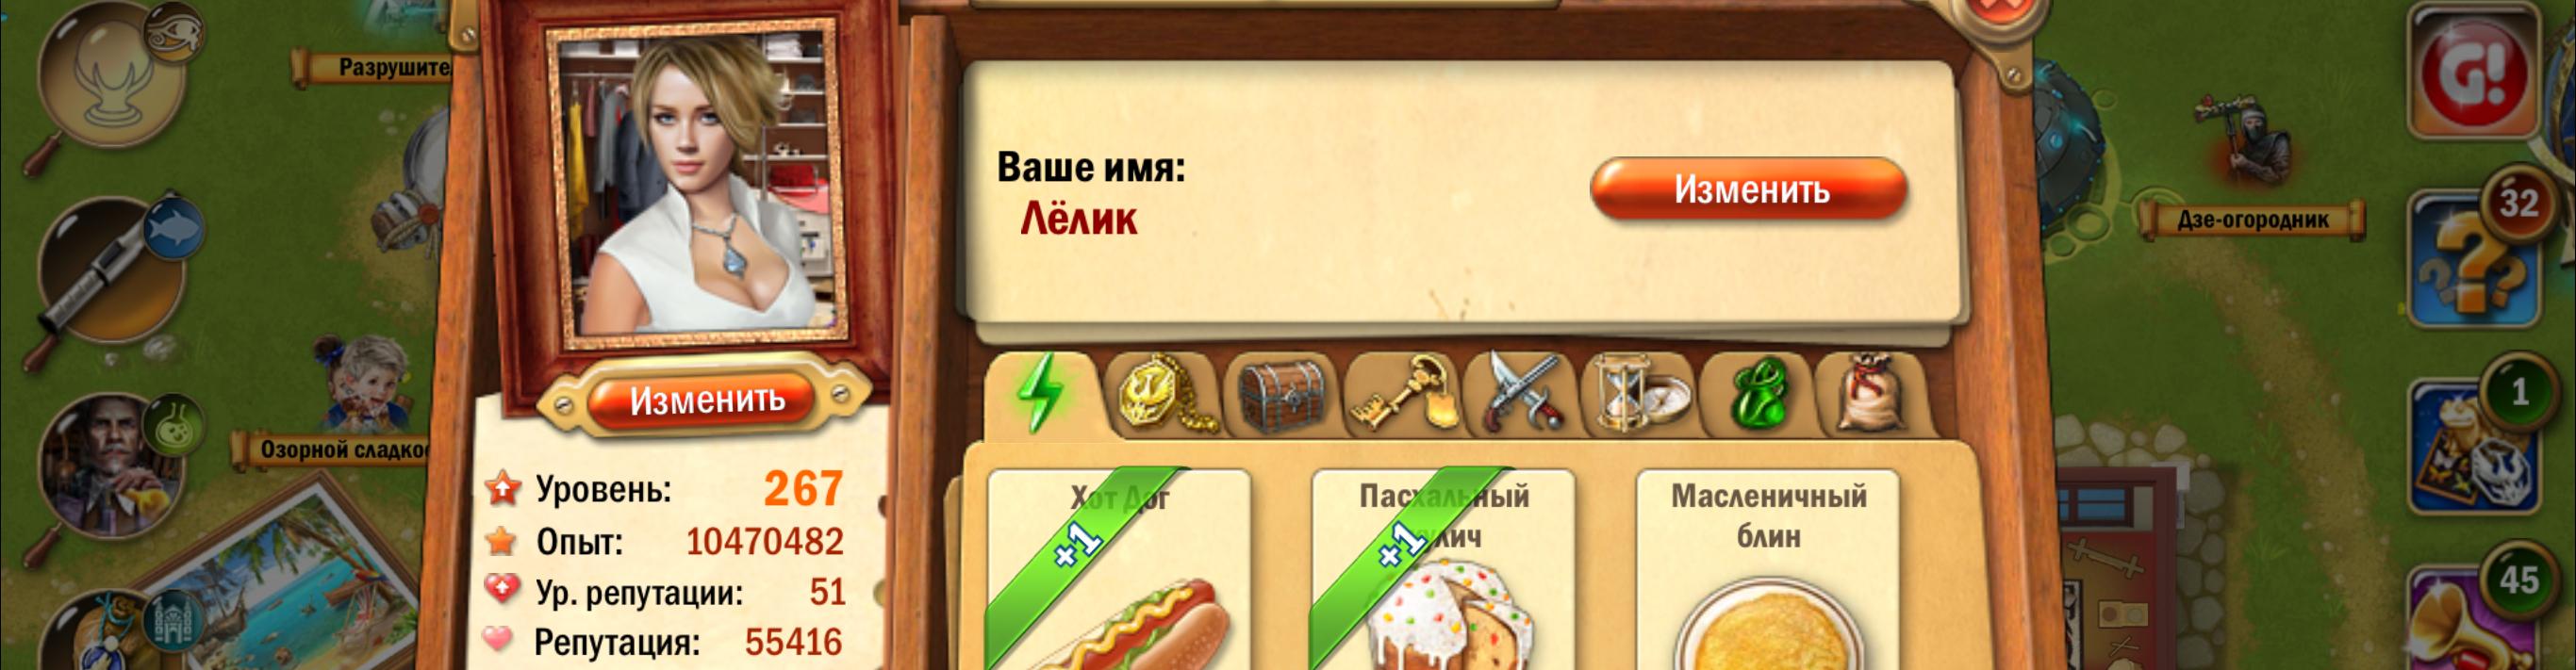 http://s8.uploads.ru/VCEjZ.jpg